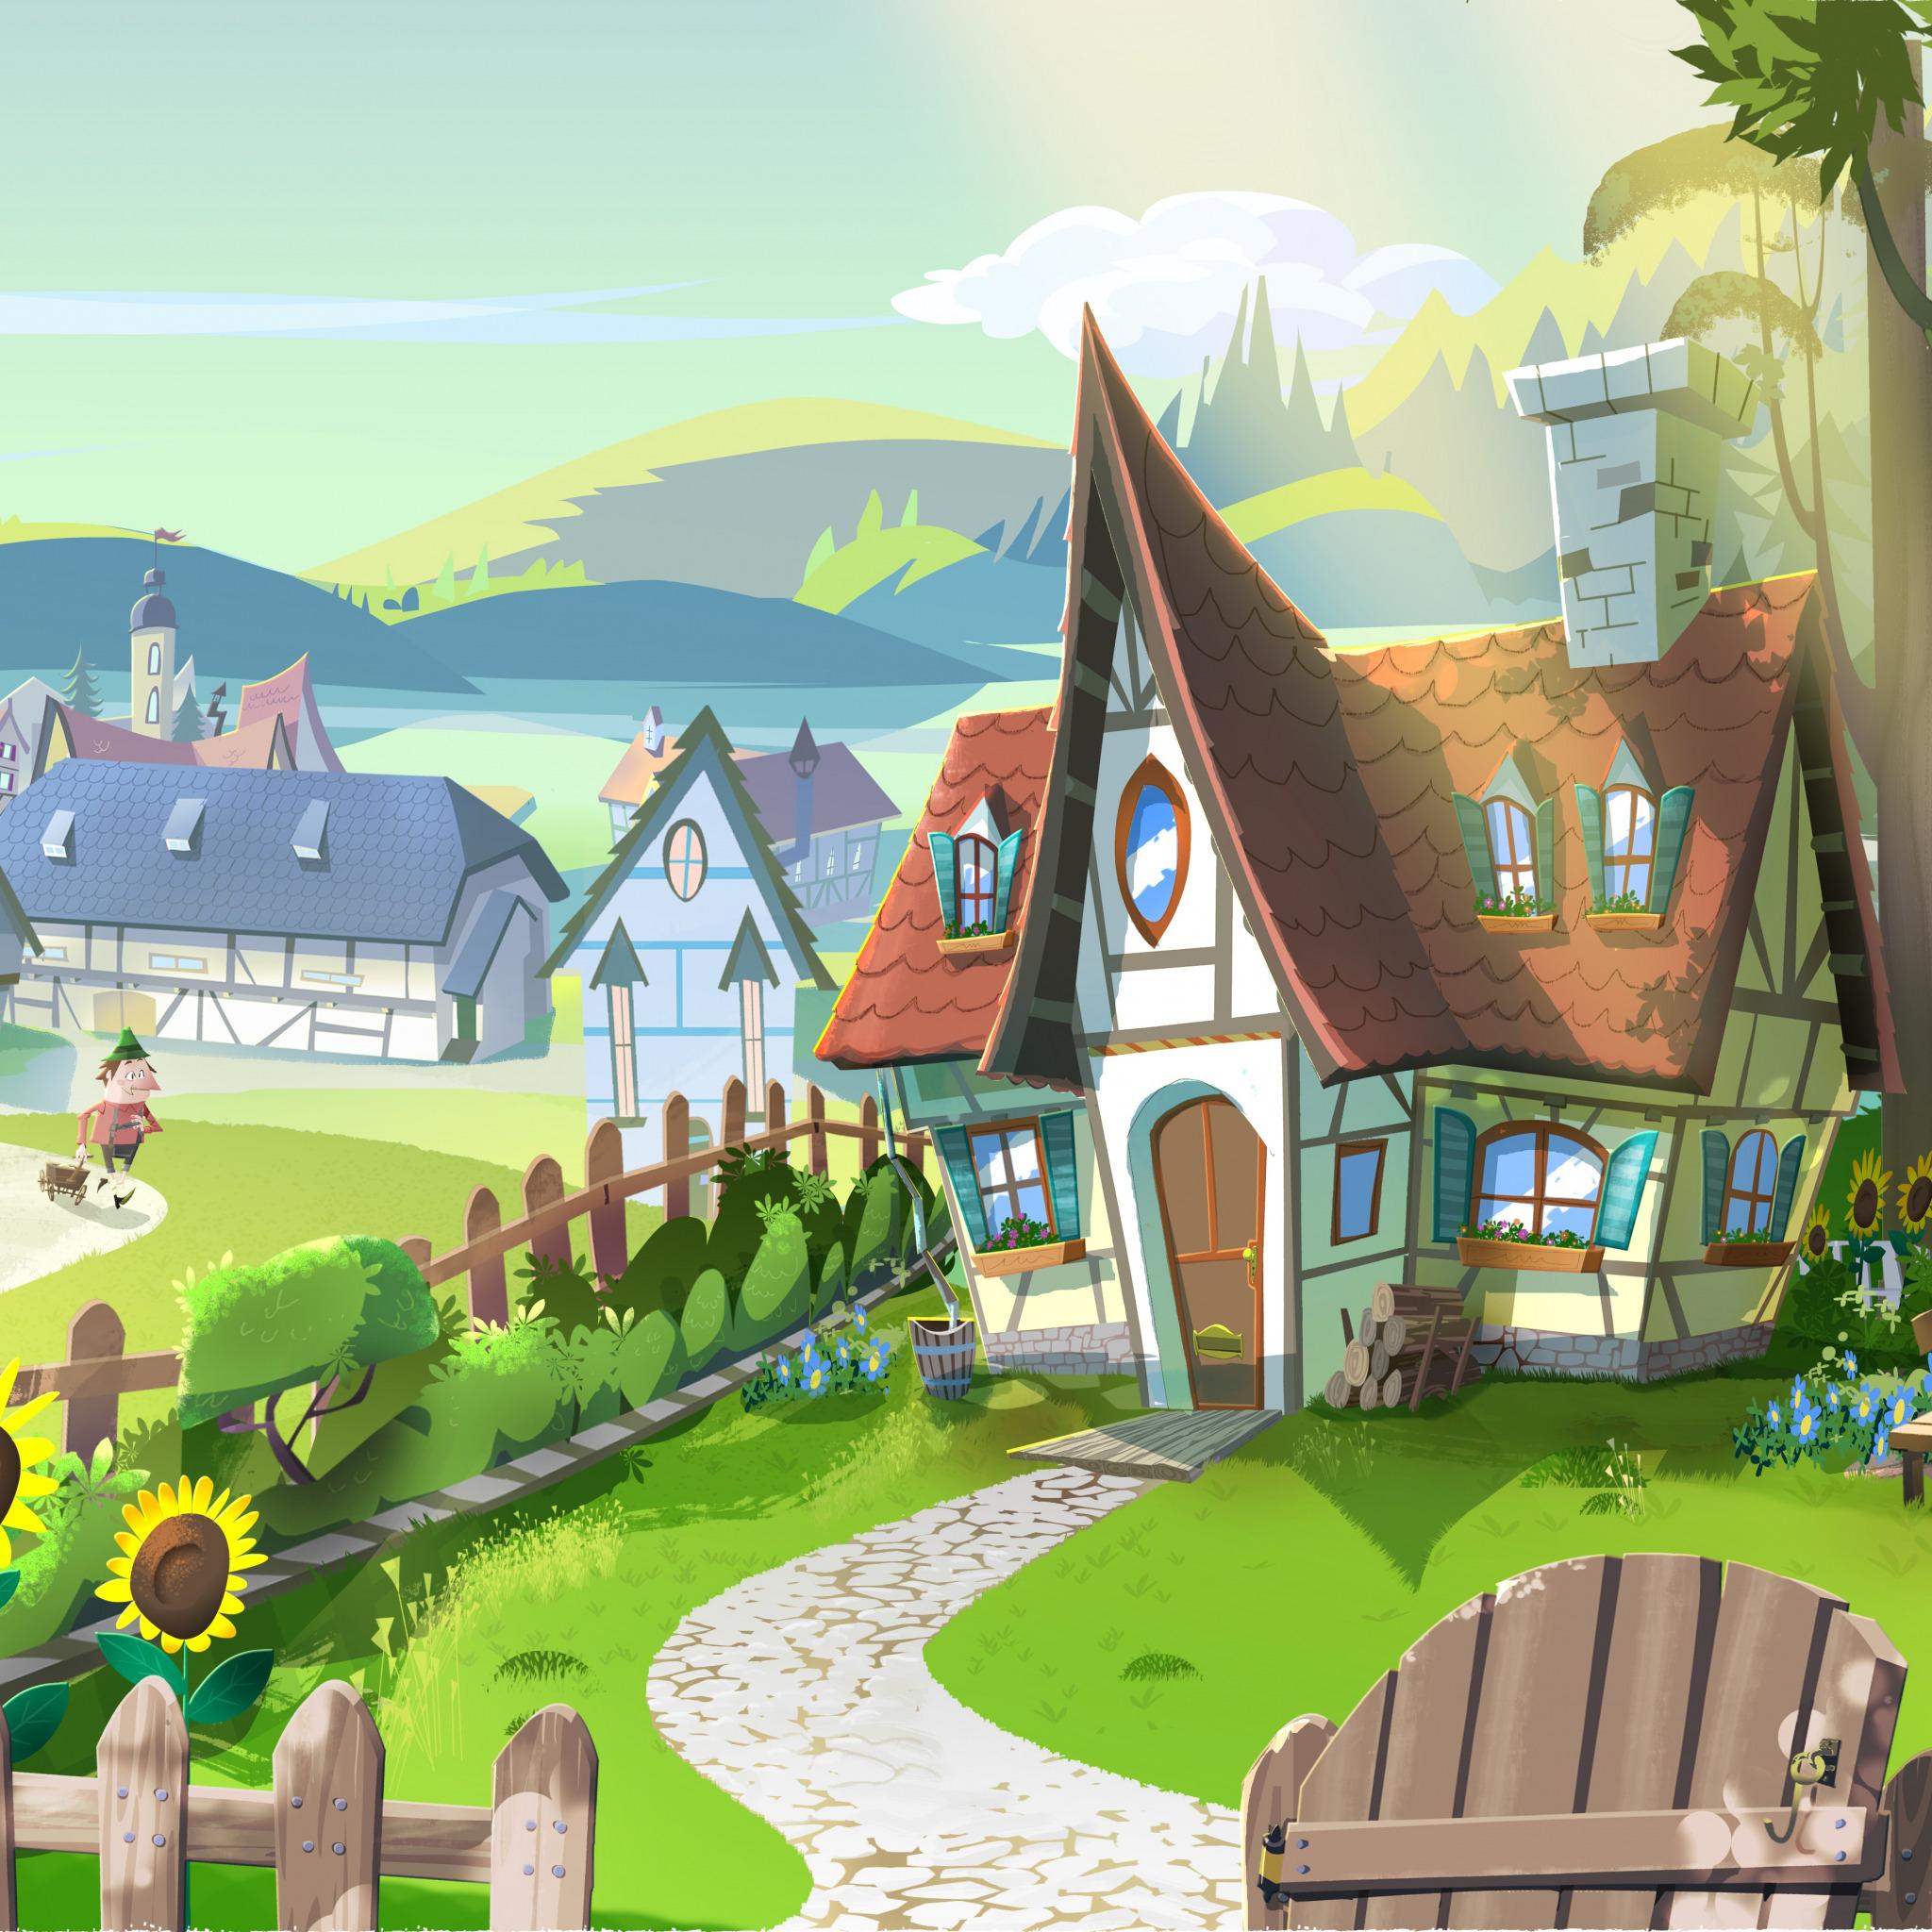 картинка домик с улицами может